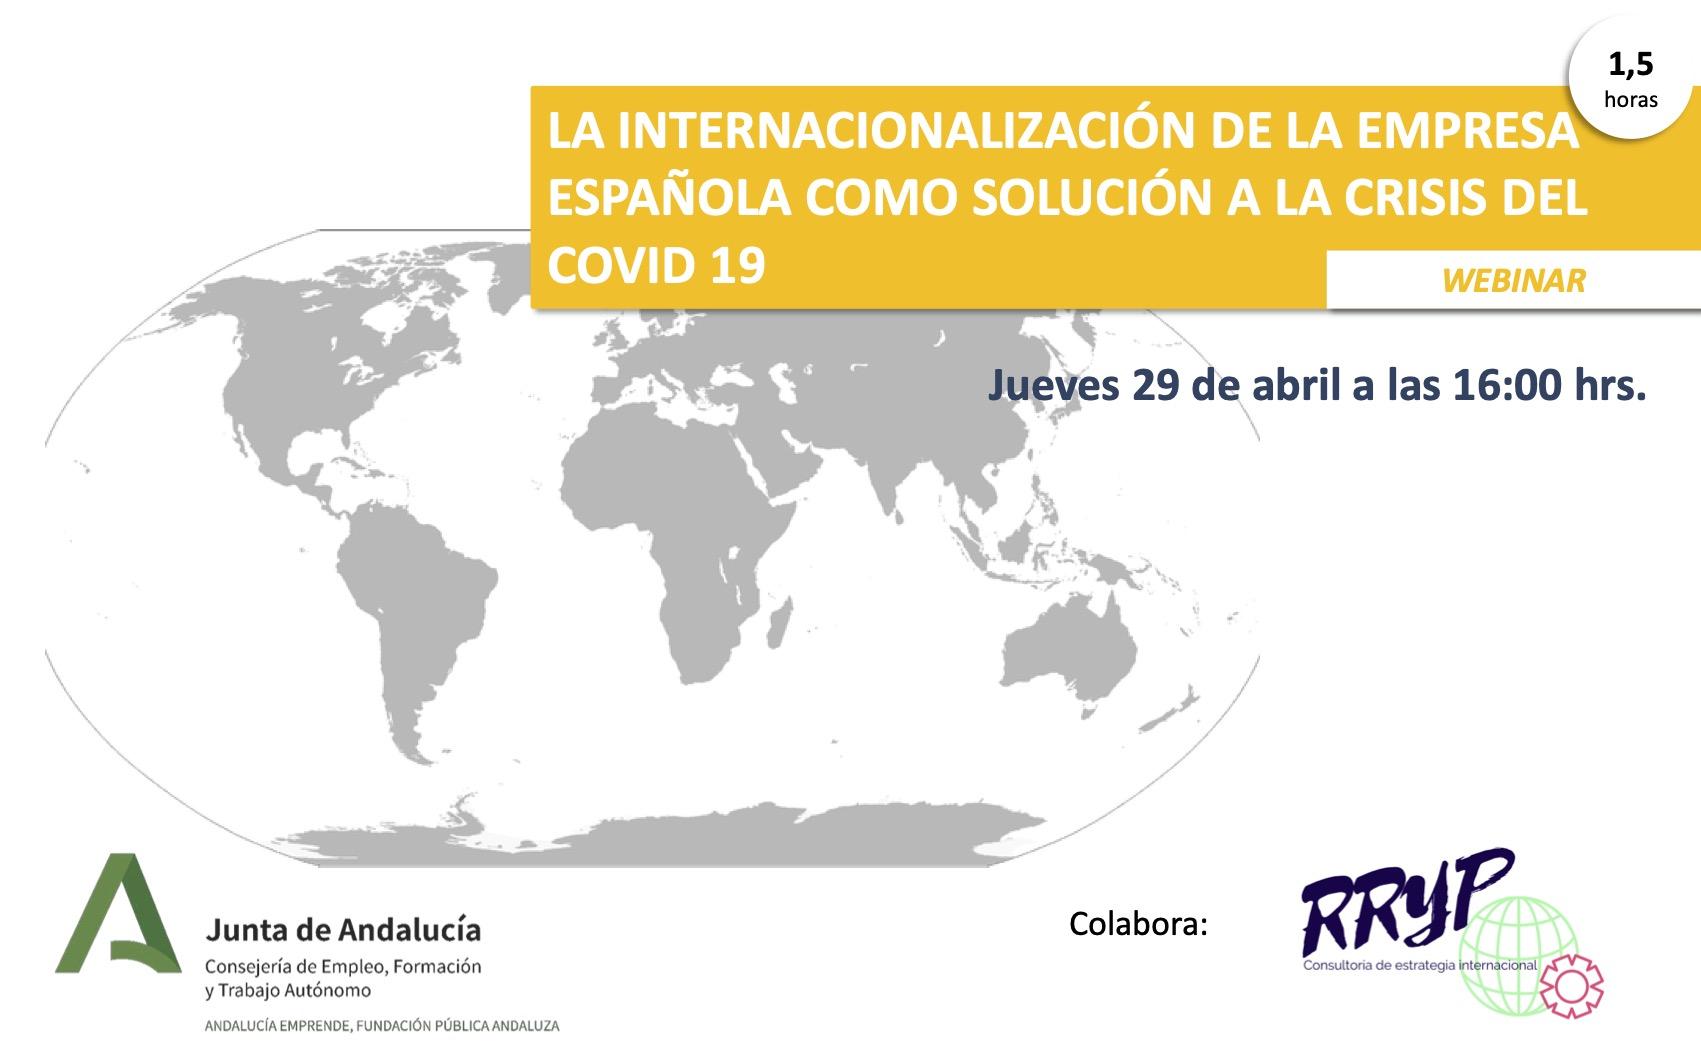 La internacionalización de la empresa española como solución a la crisis del COVID19